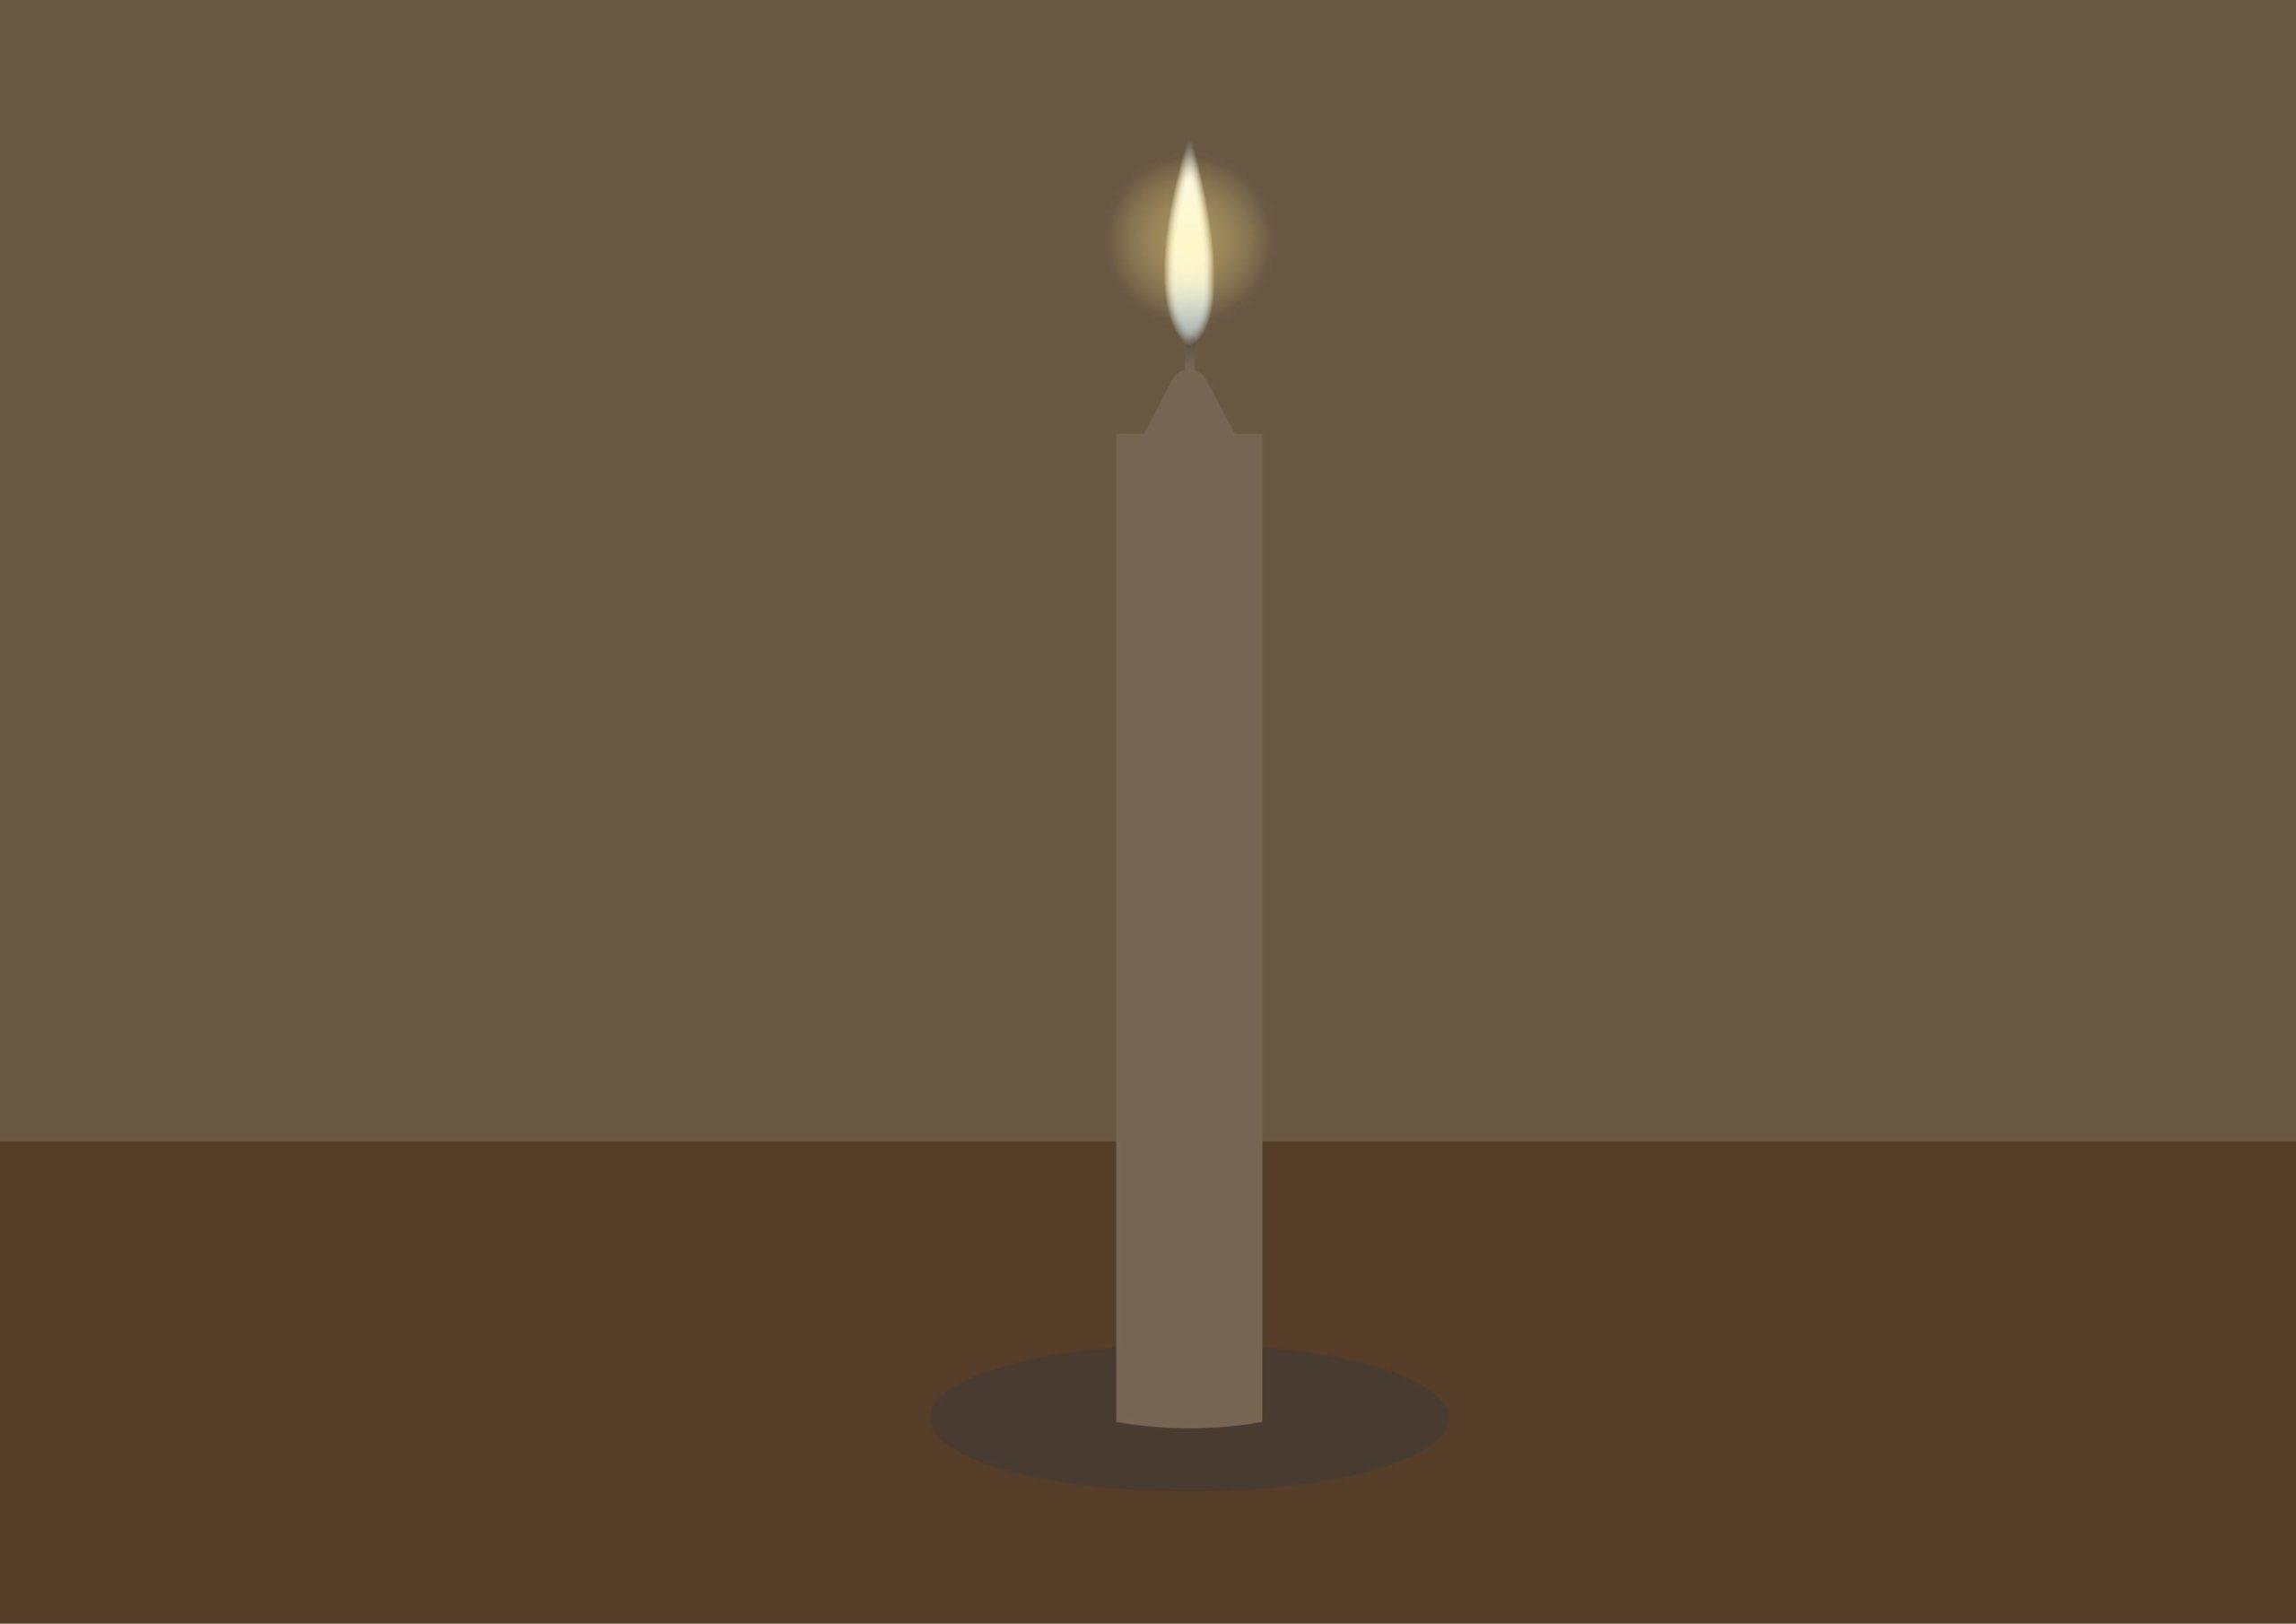 停電のイメージ画像2